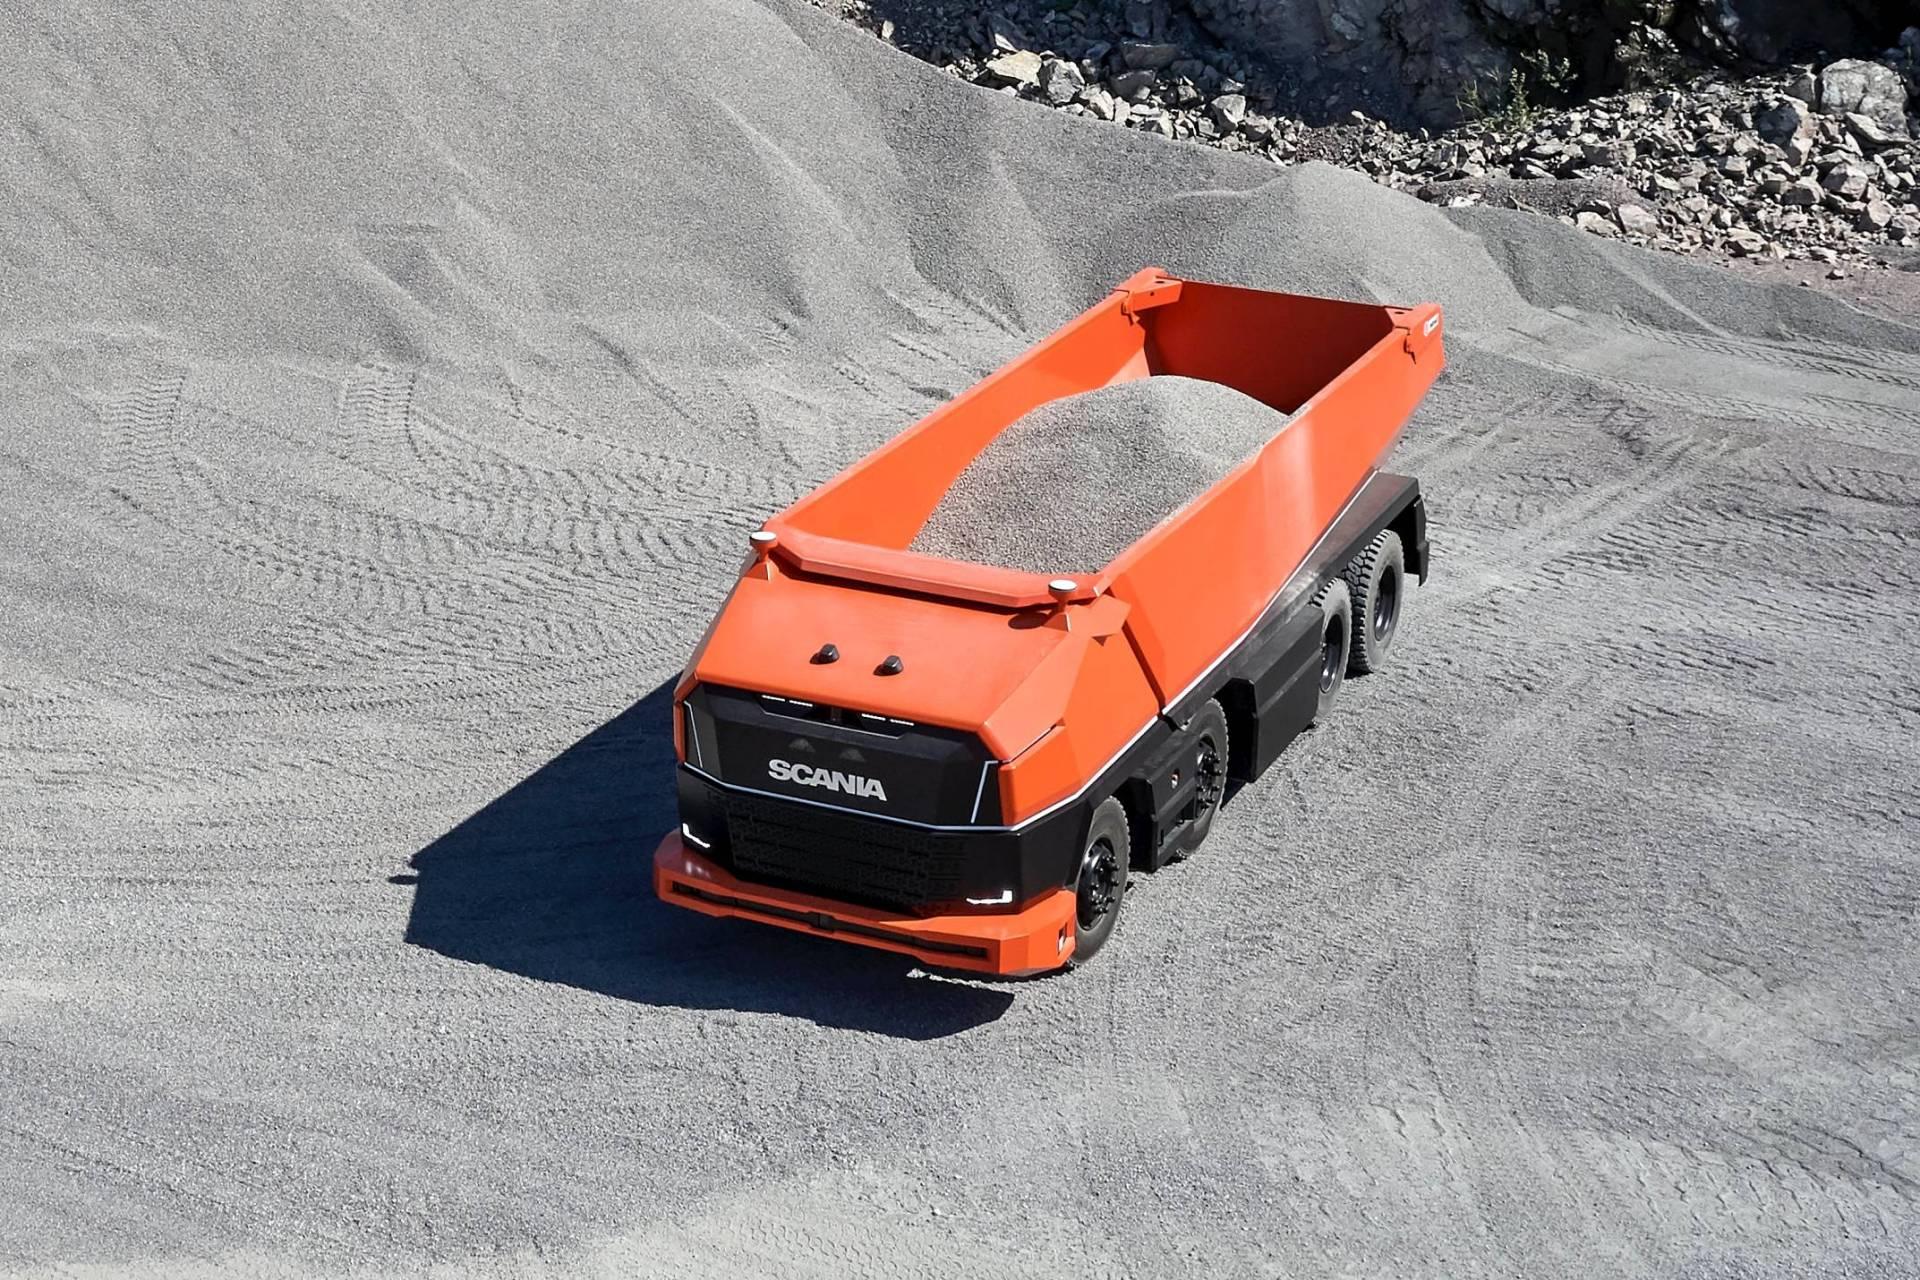 62996bec-scania-axl-autonomous-concept-truck-14